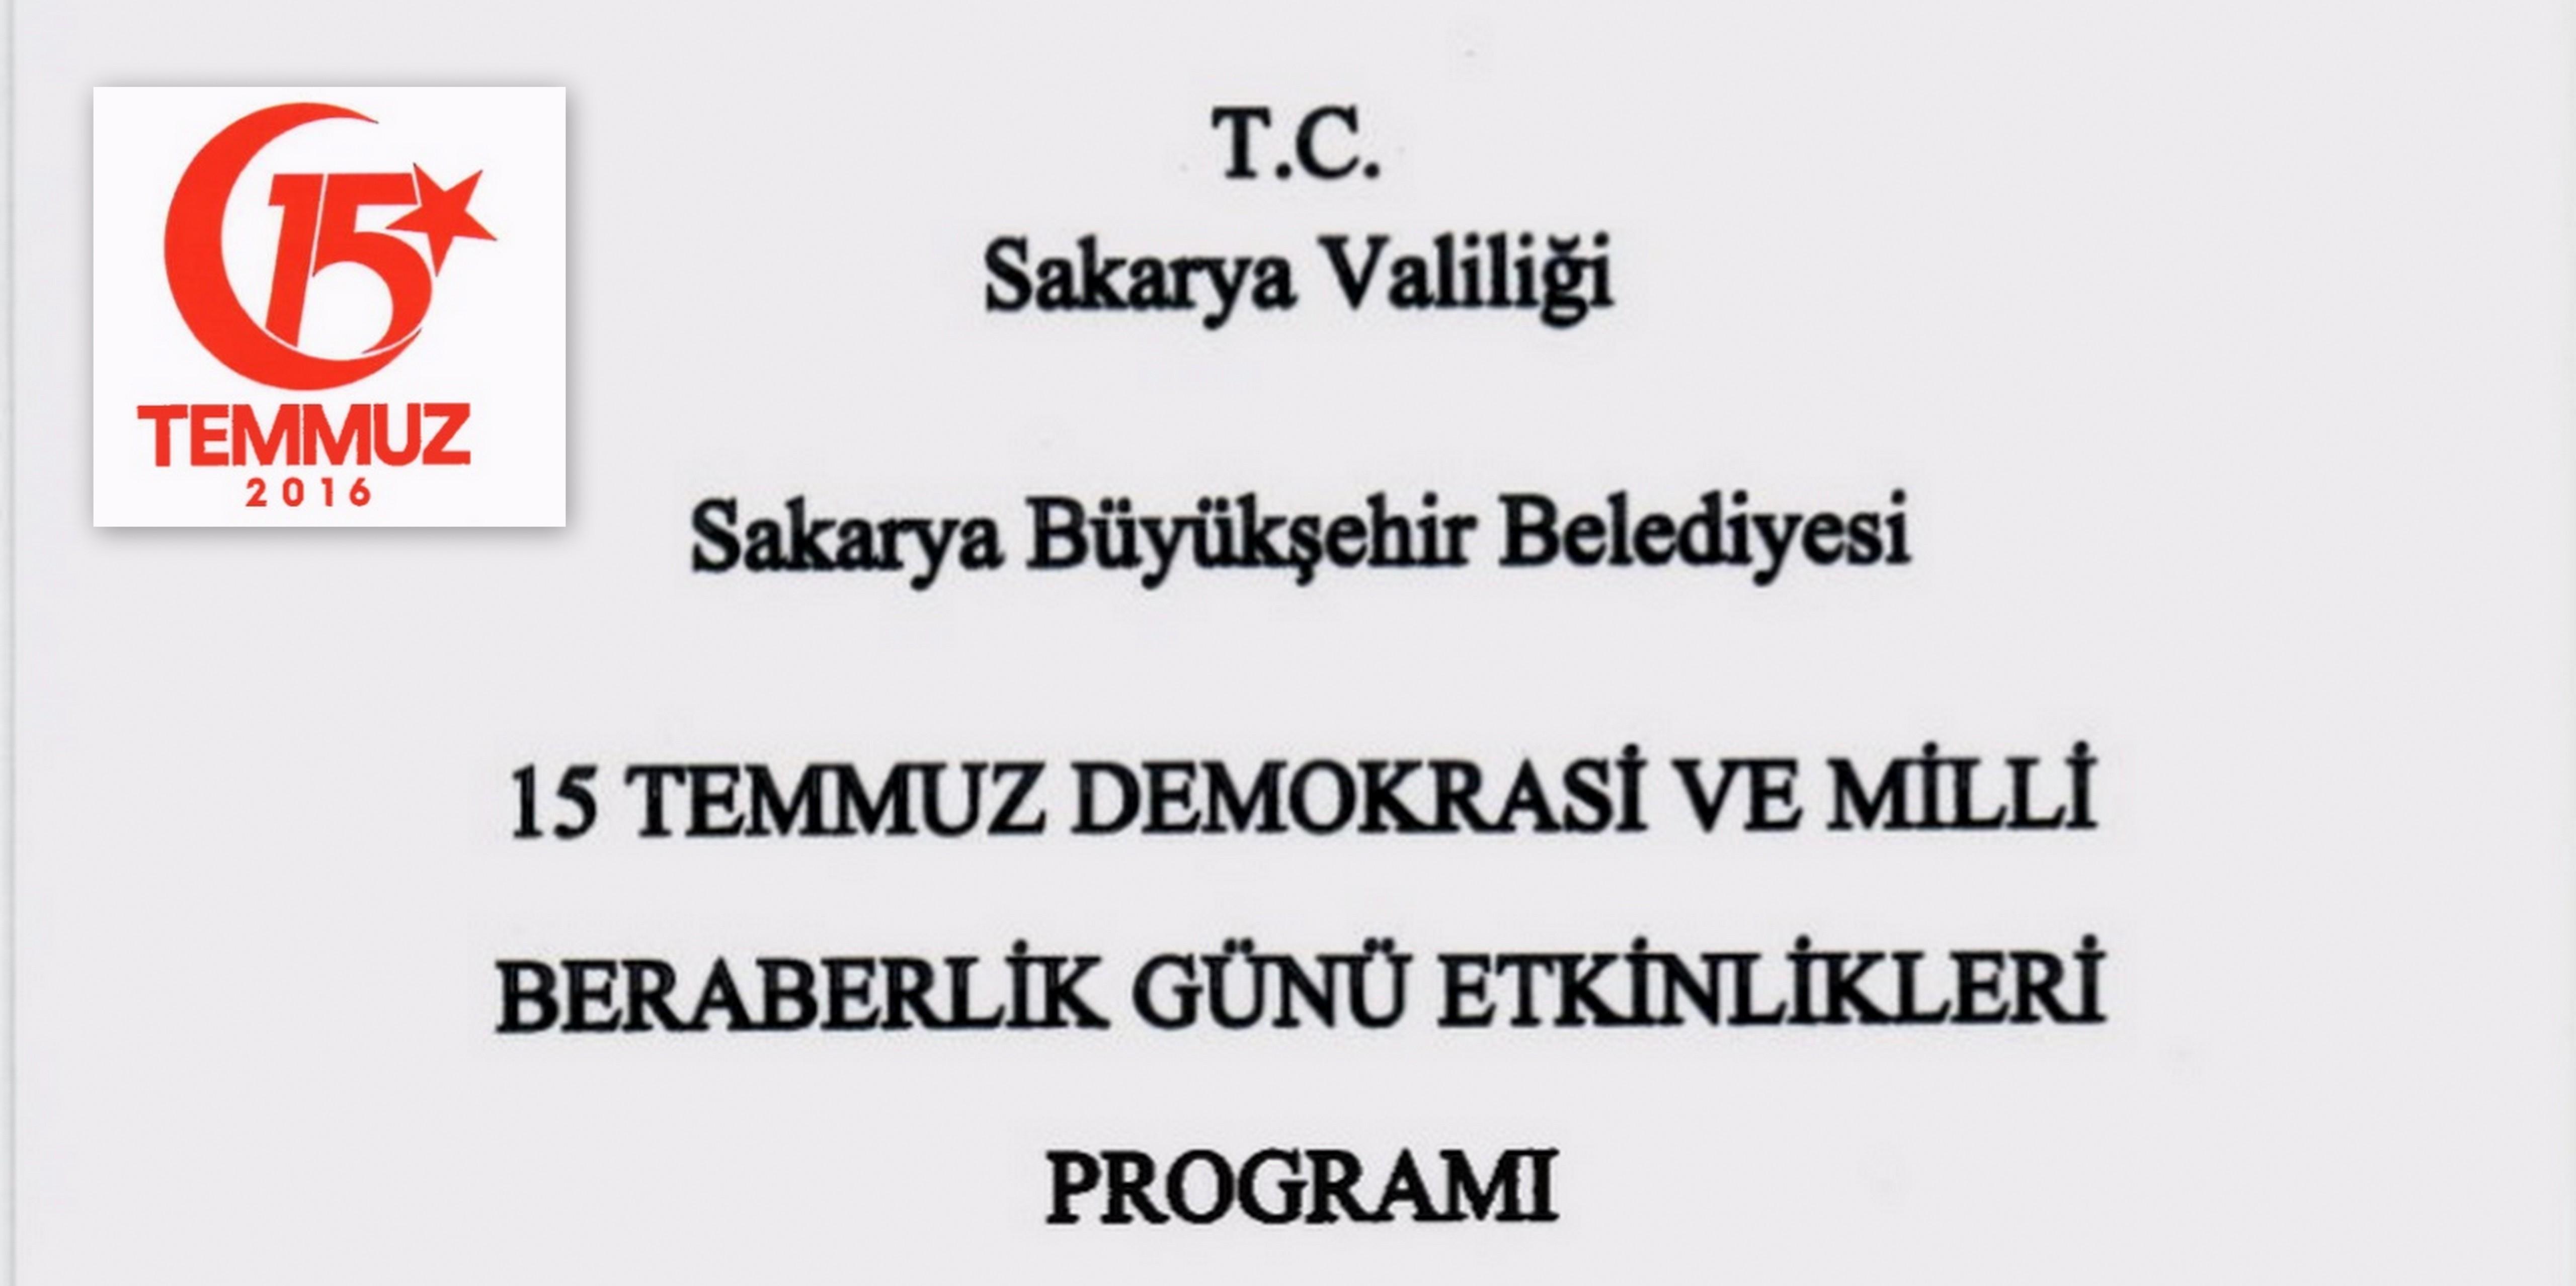 Sakarya'da 15 temmuz Programı belli oldu